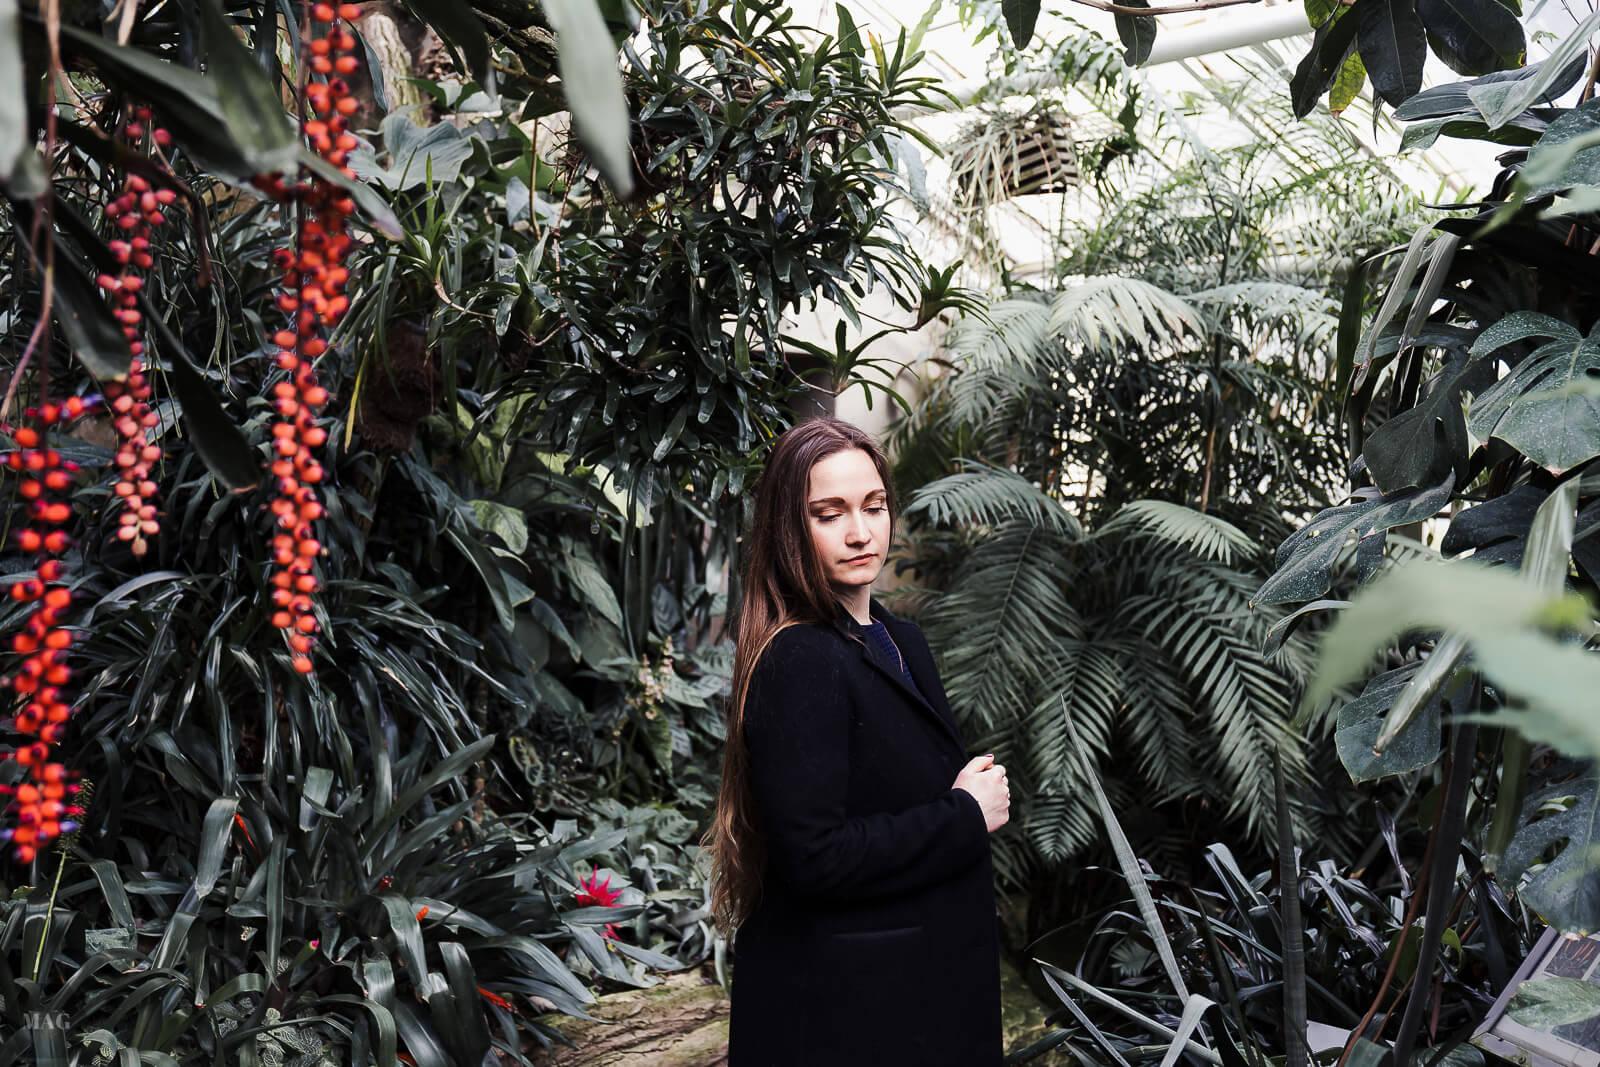 ManduTrap, botanischer Garten Münster, faire Mode Berlin, Fair Fashion Berlin, ManduTrap Kleid, ManduTrap Berlin, Upcycling Mode Berlin, nachhaltige Mode kaufen, Fair Fashion